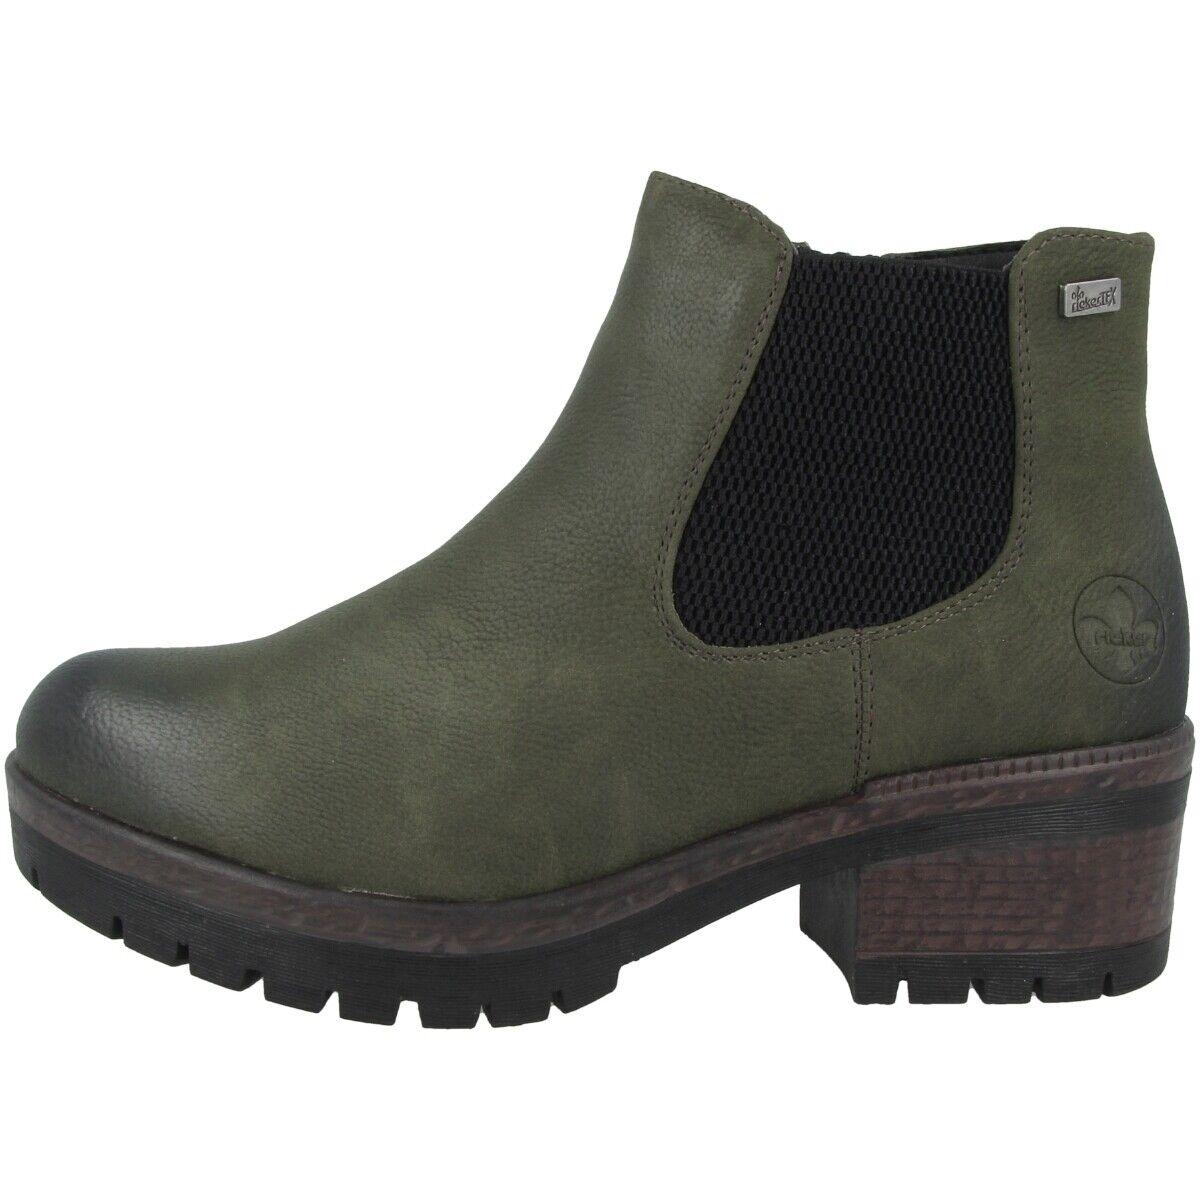 Rieker Morbido Schuhe Damänner Ankle Stiefel Antistress Stiefelette fir 95290-54